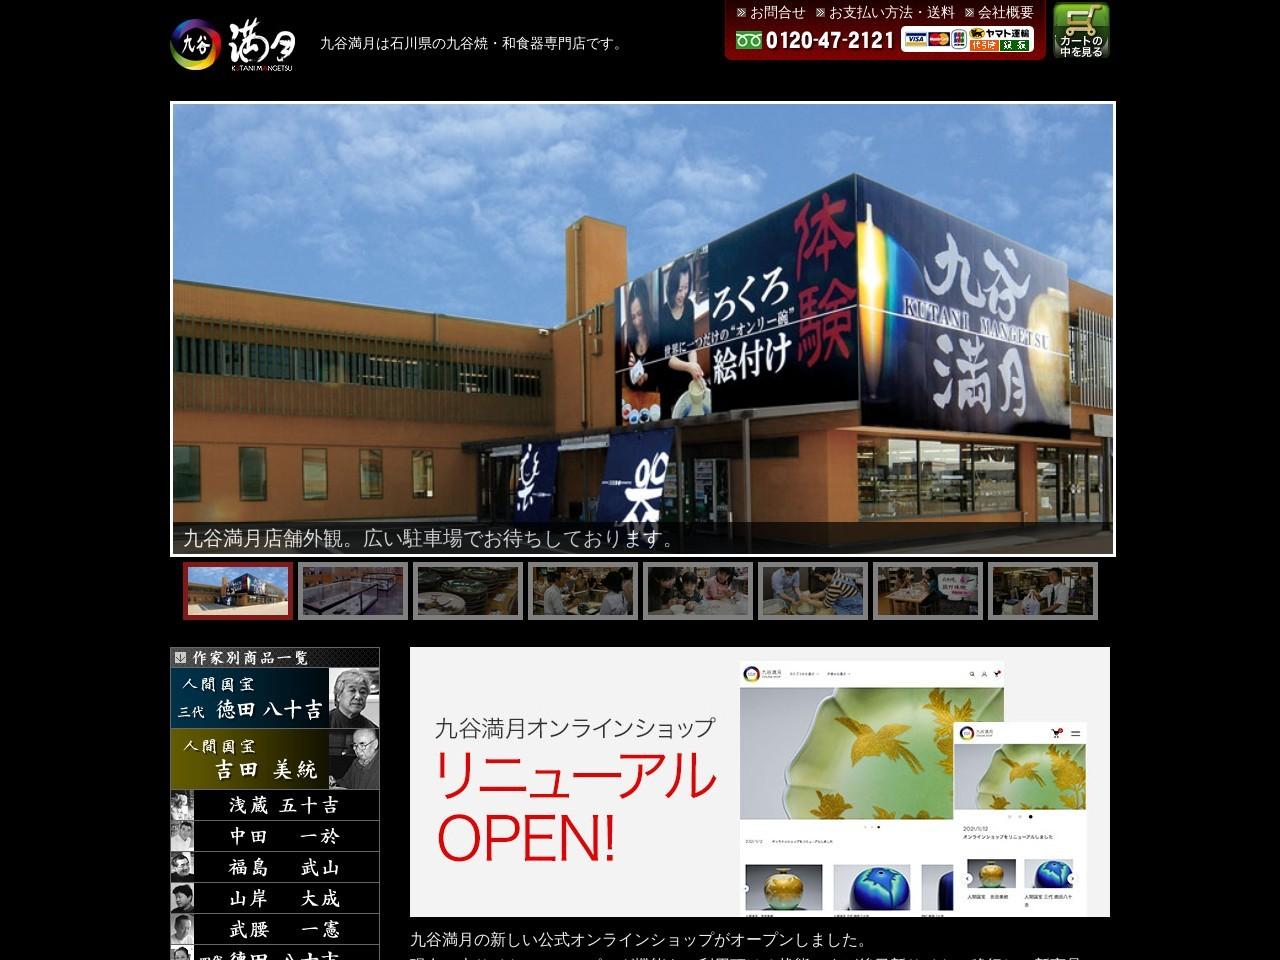 九谷満月は石川県の九谷焼専門店です。人間国宝徳田八十吉・吉田美統など幅広い品揃え